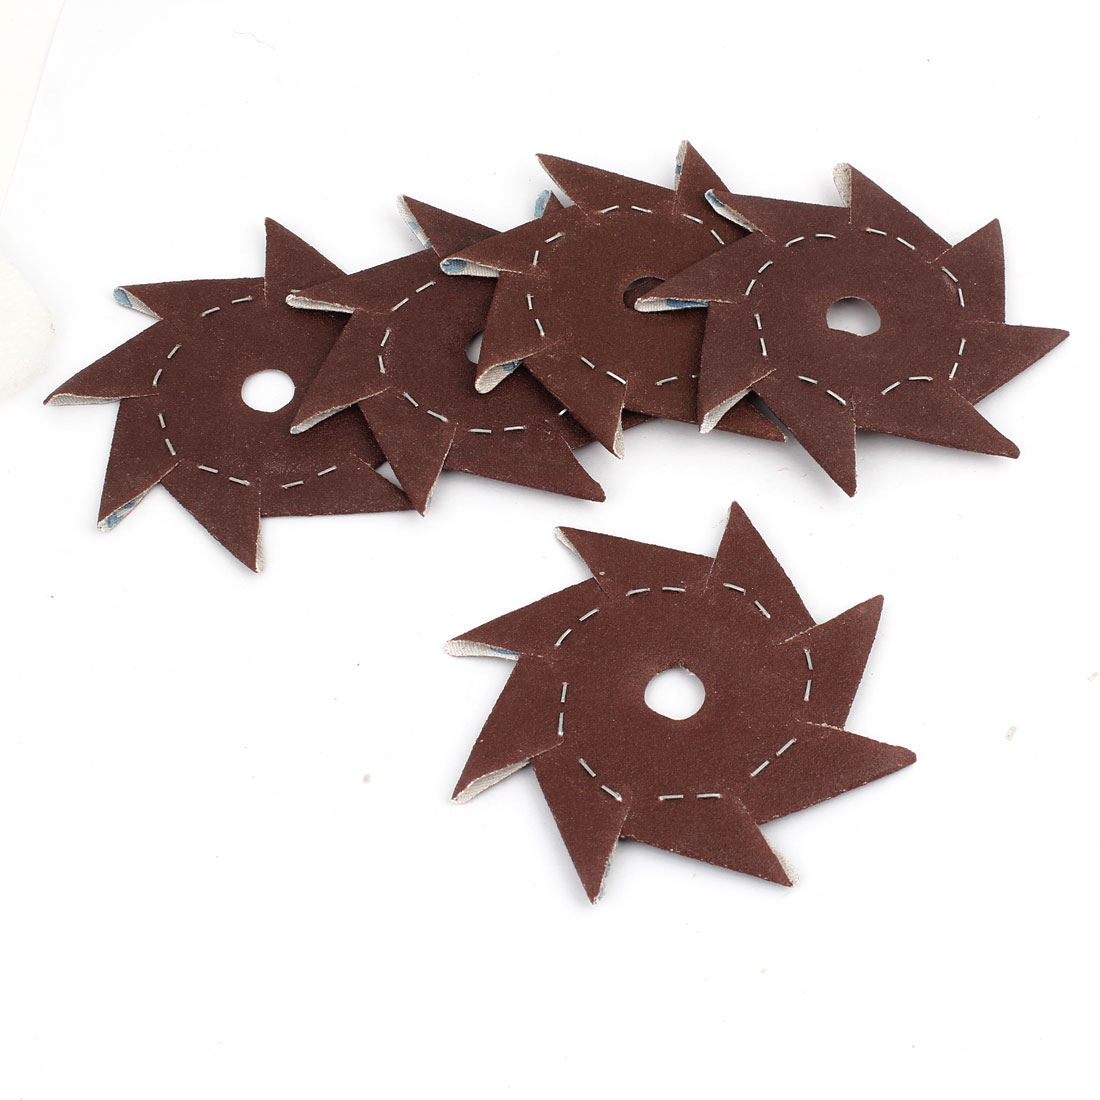 5 Pcs Pinwheel Shaped 180 Grit Abrasive Sandpaper Sheet Dark Brown